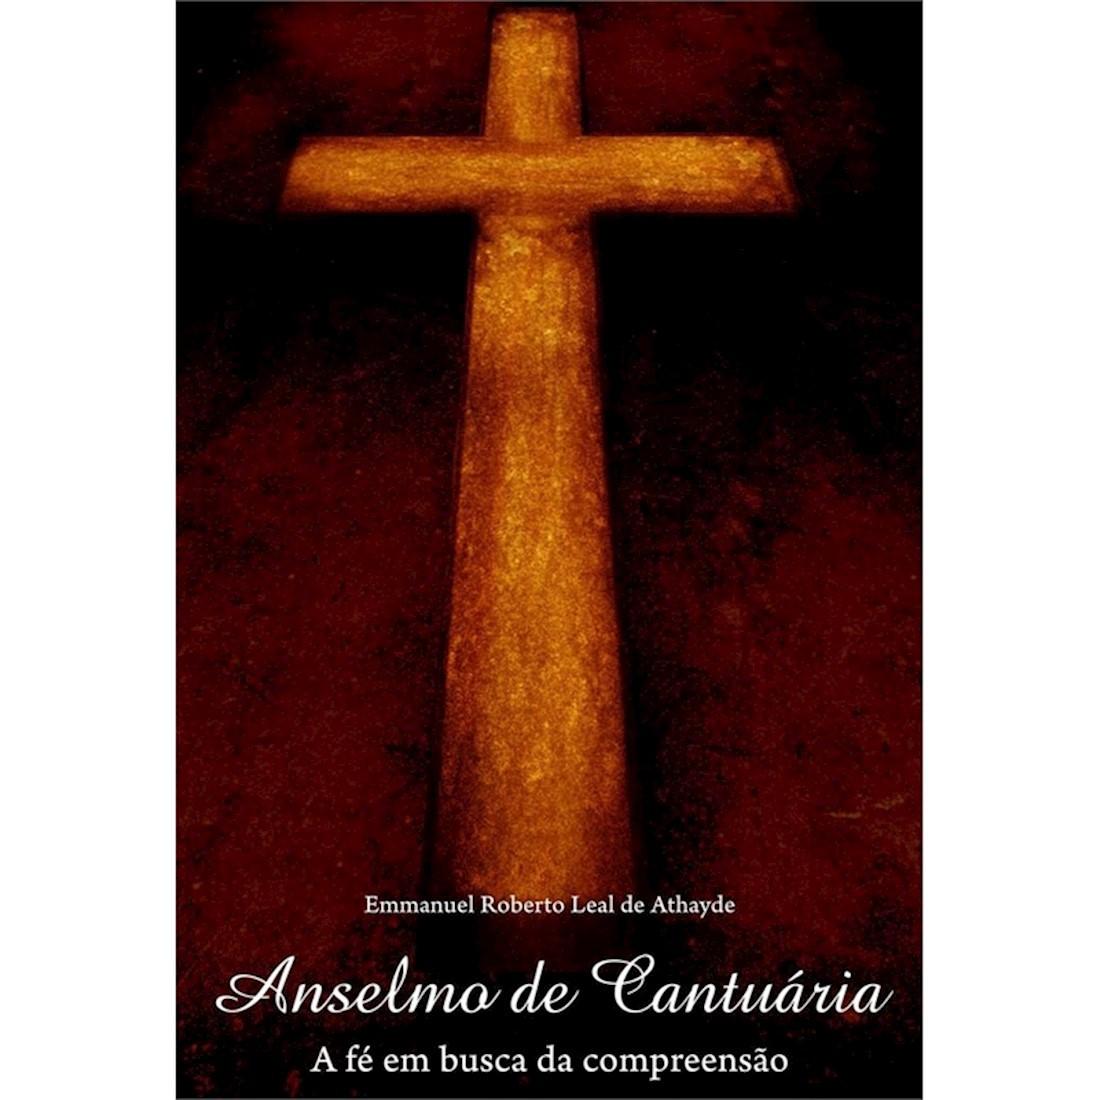 Livro Anselmo de Cantuária - A Fé em Busca da Compreensão